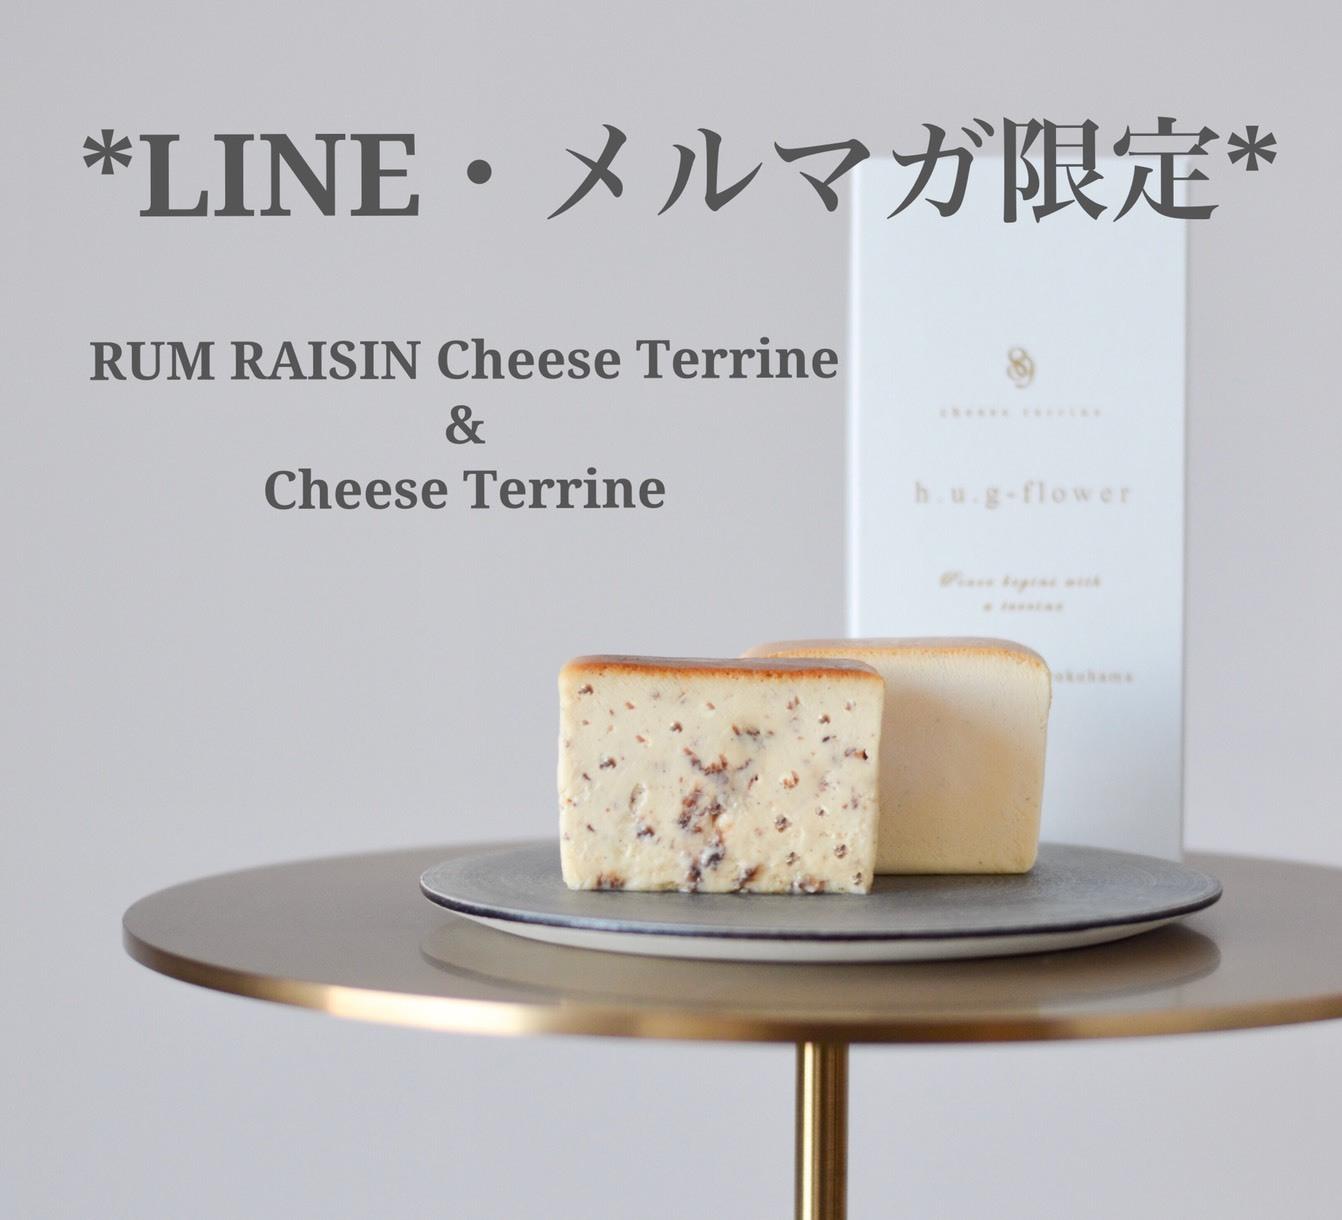 ★LINE・メルマガ限定★ラムレーズン&チーズテリーヌセット販売